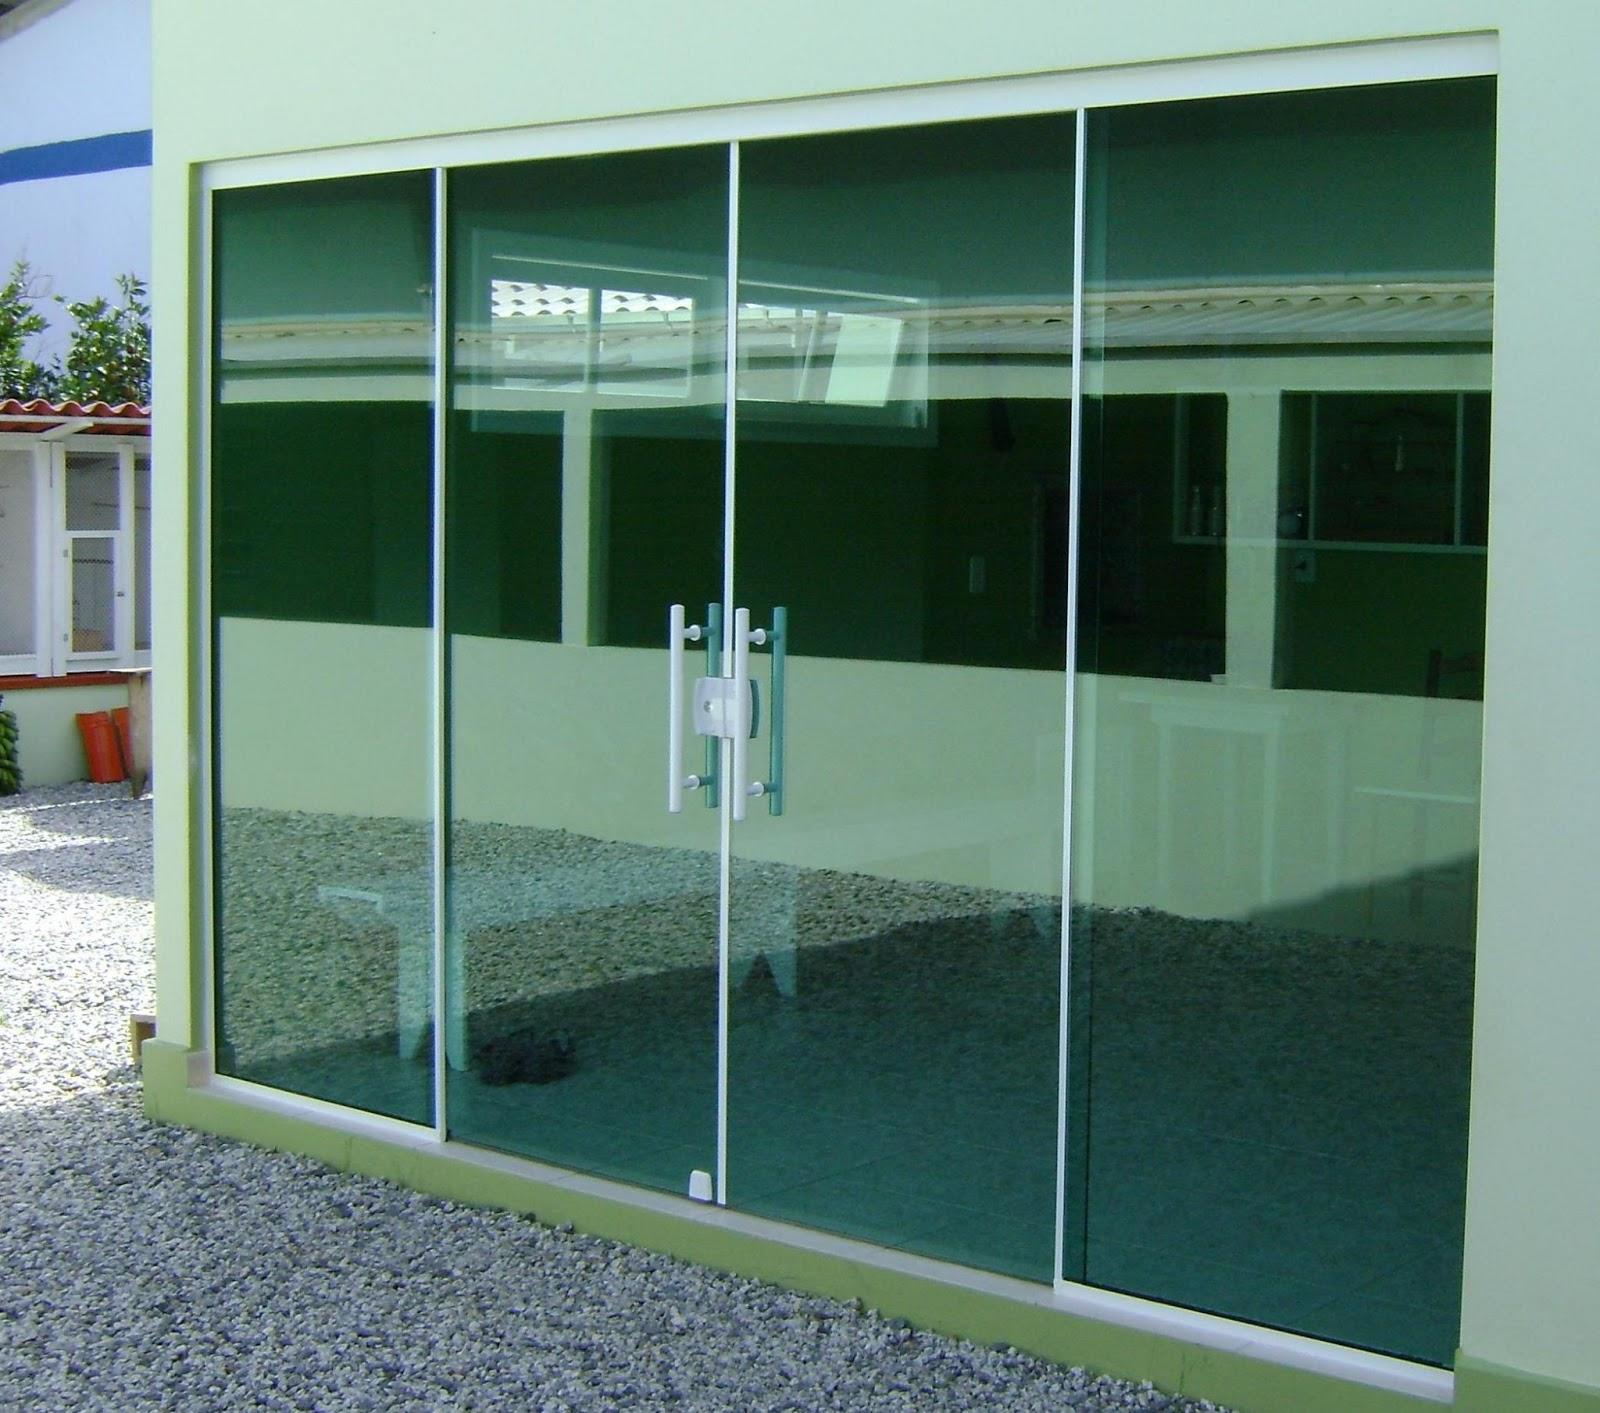 #163628 Construindo Minha Casa Clean: Película Residencial 216 Janelas De Vidro P Quarto